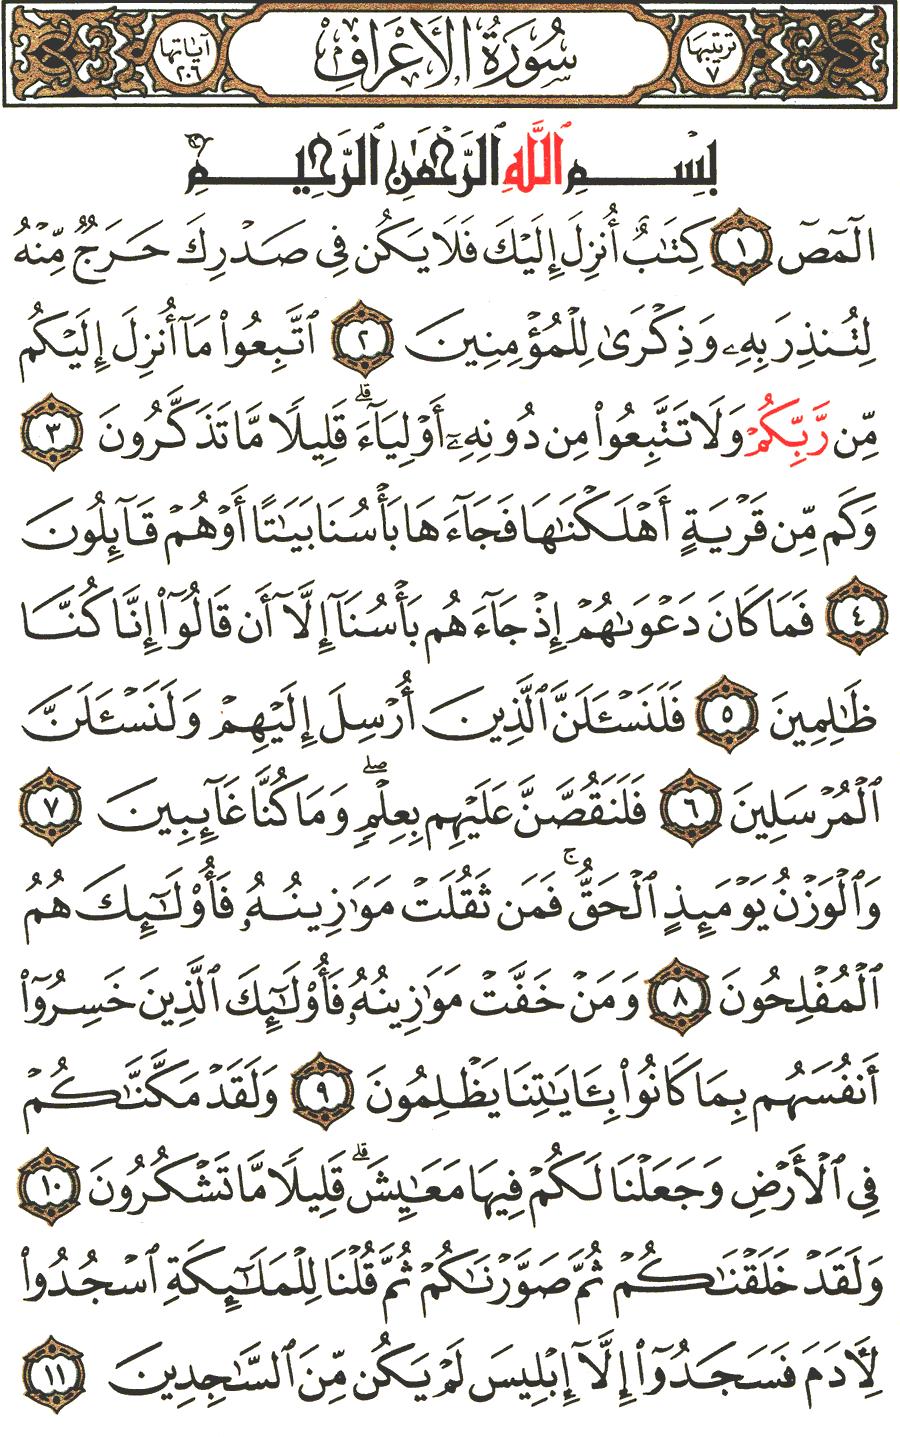 الصفحة رقم 151 من القرآن الكريم مكتوبة من المصحف